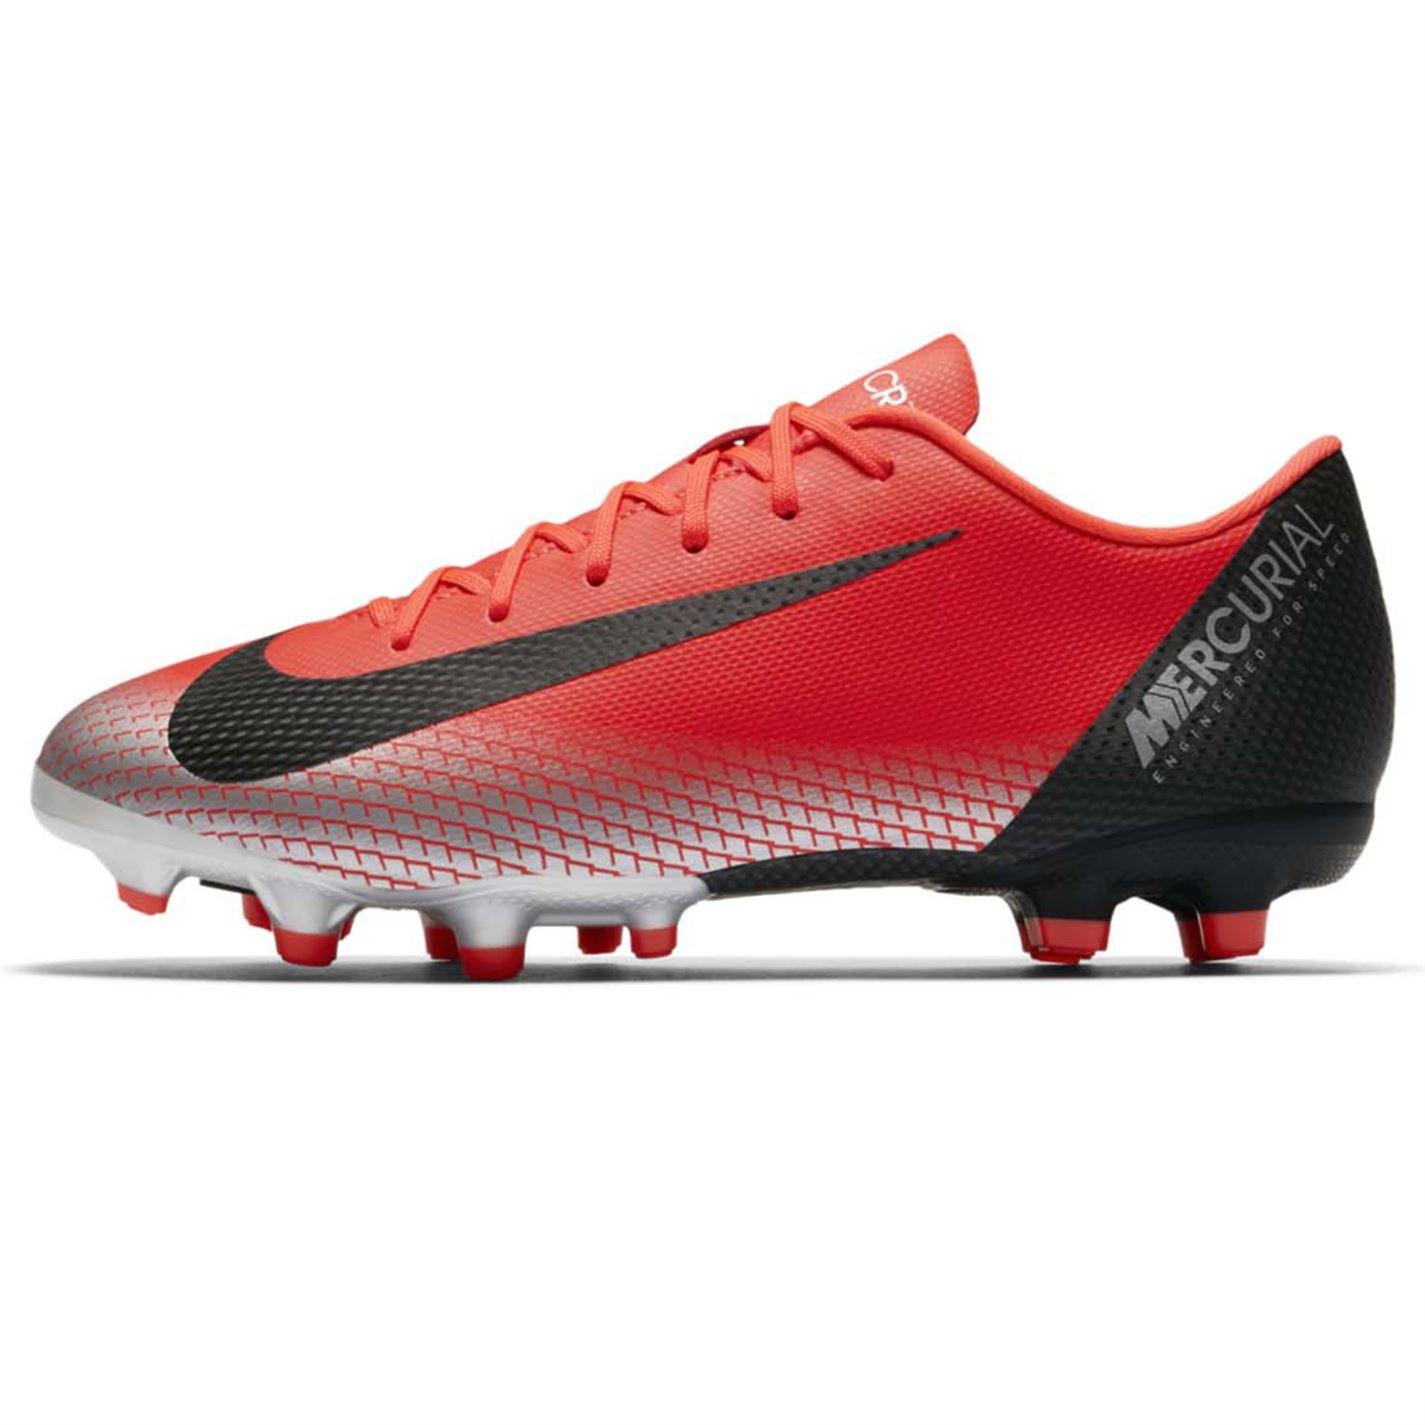 kopačky Nike Mercurial Vapor Academy CR7 detské FG